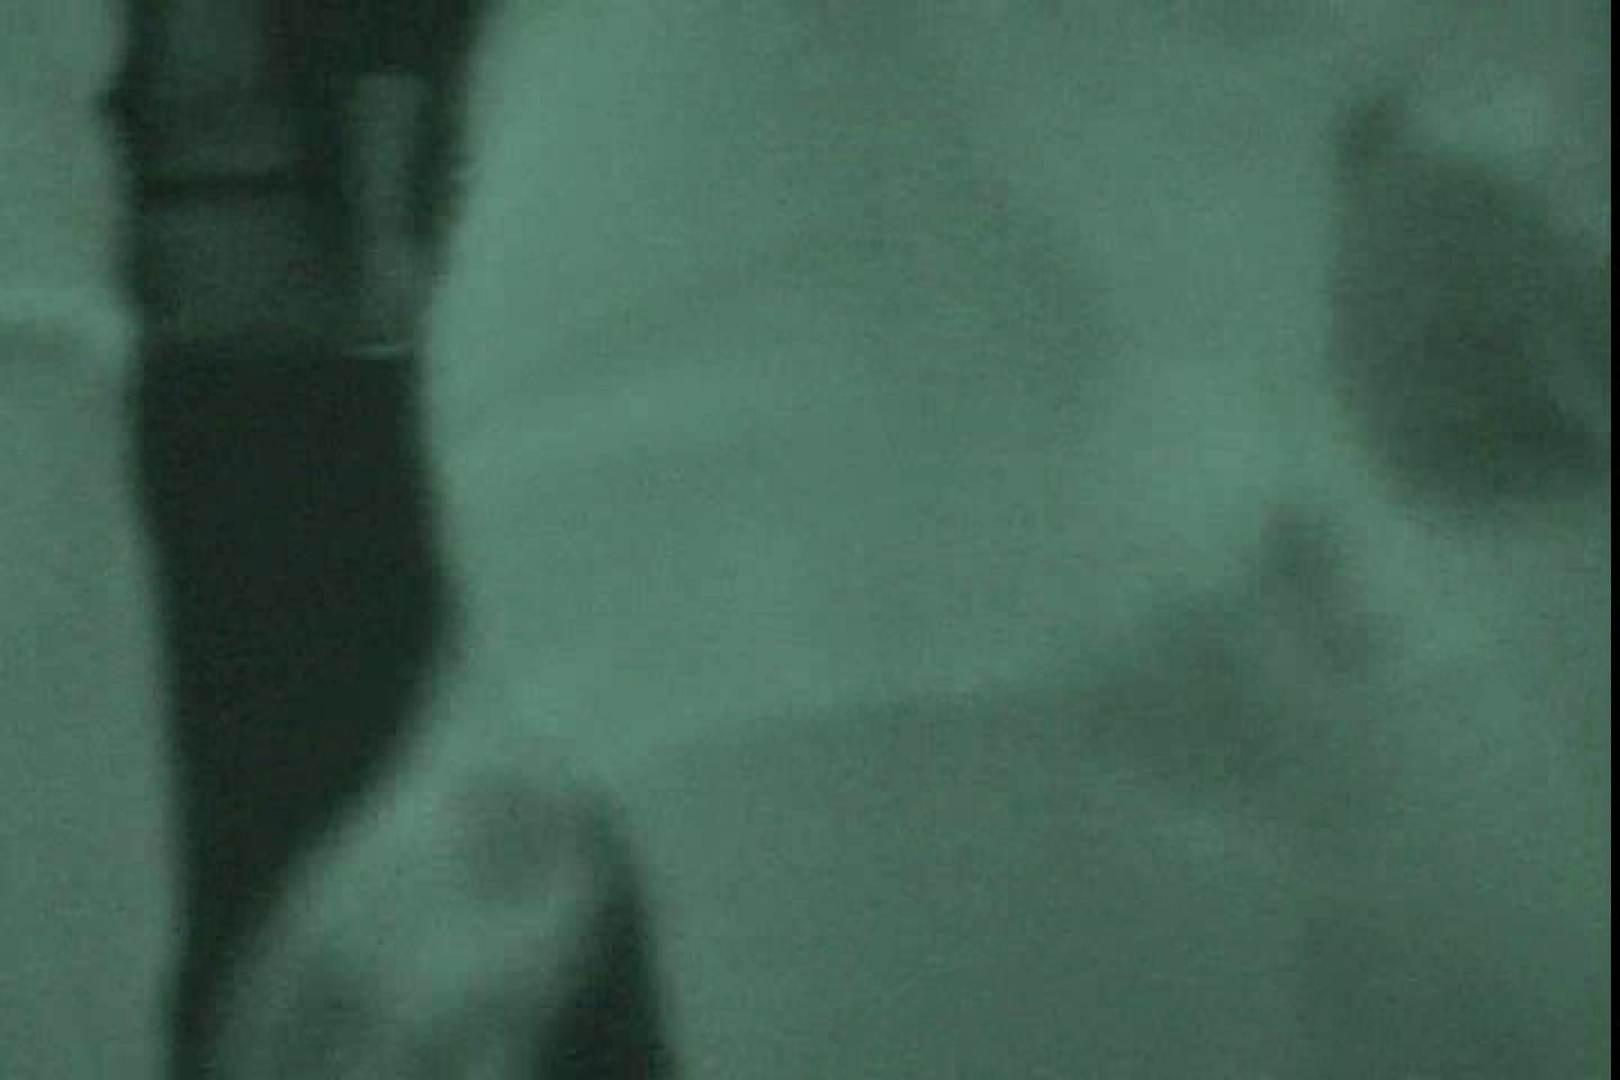 赤外線ムレスケバレー(汗) vol.02 赤外線  103PIX 16